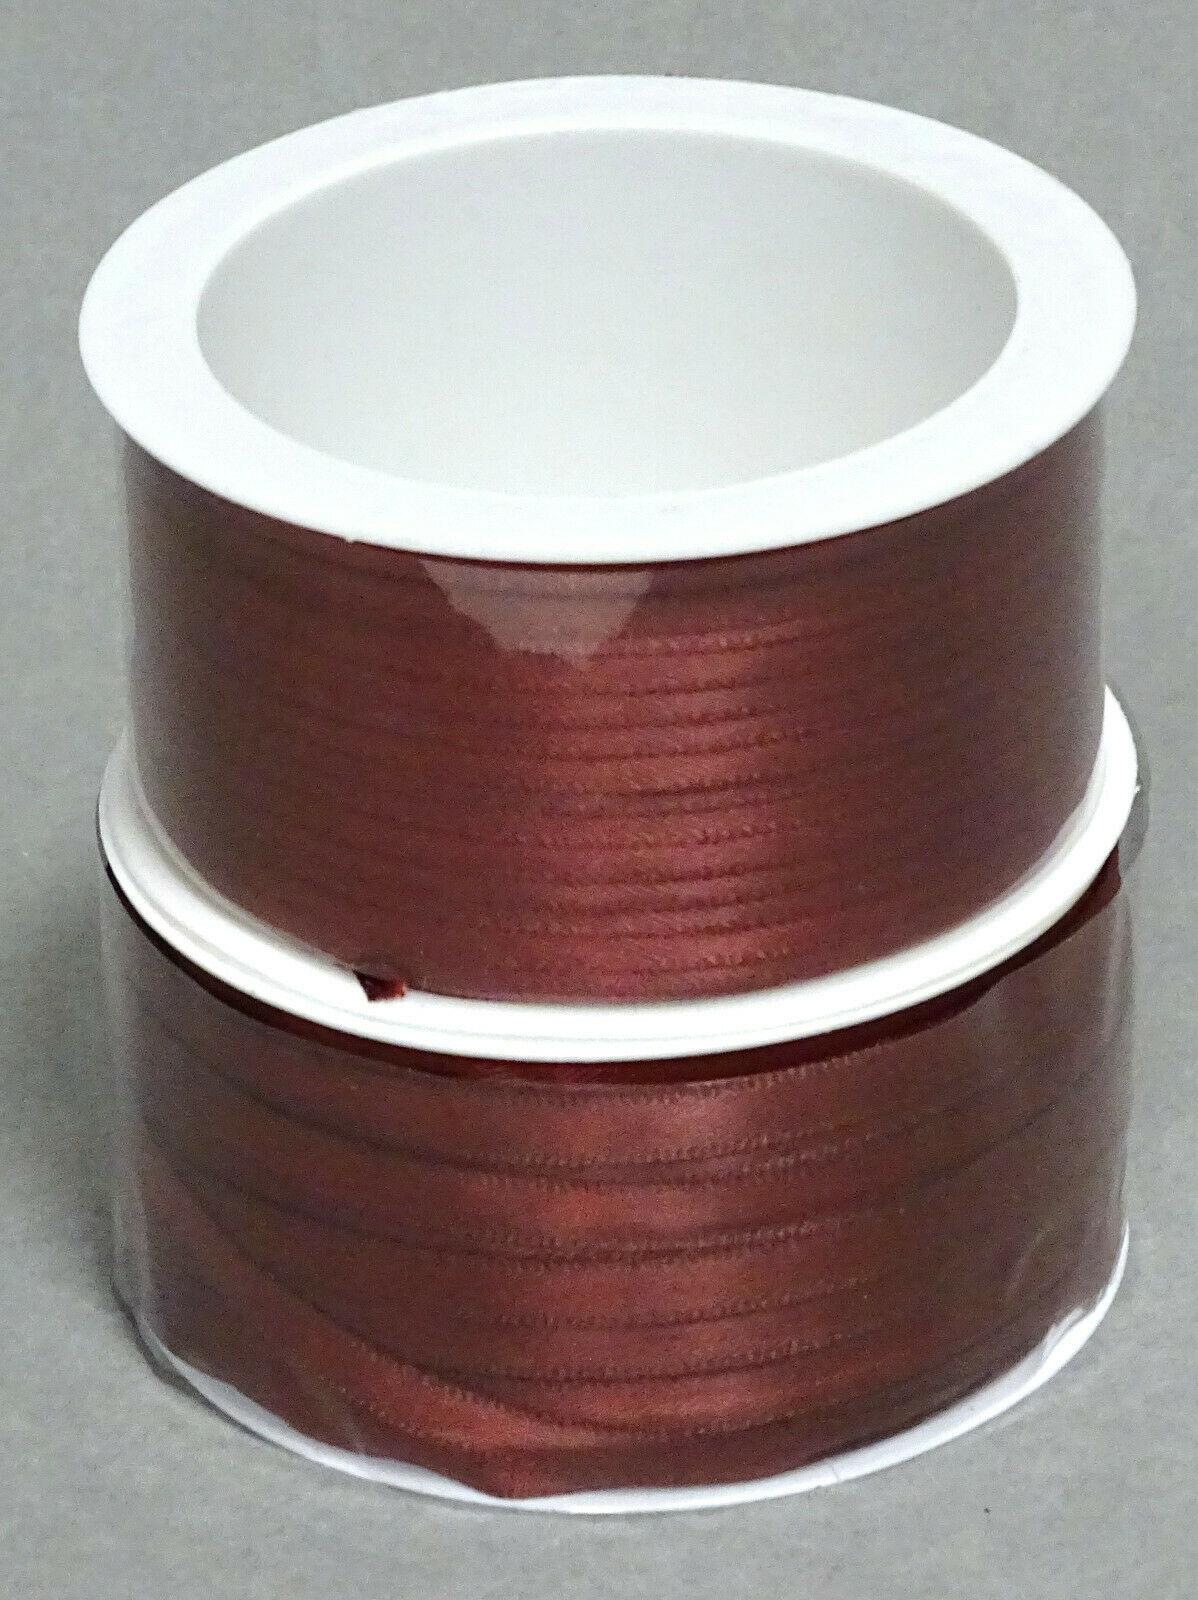 Satinband Schleifenband 50m x 3mm / 6mm Dekoband ab 0,05 €/m Geschenkband Rolle - Bordeaux 124, 6 mm x 50 m